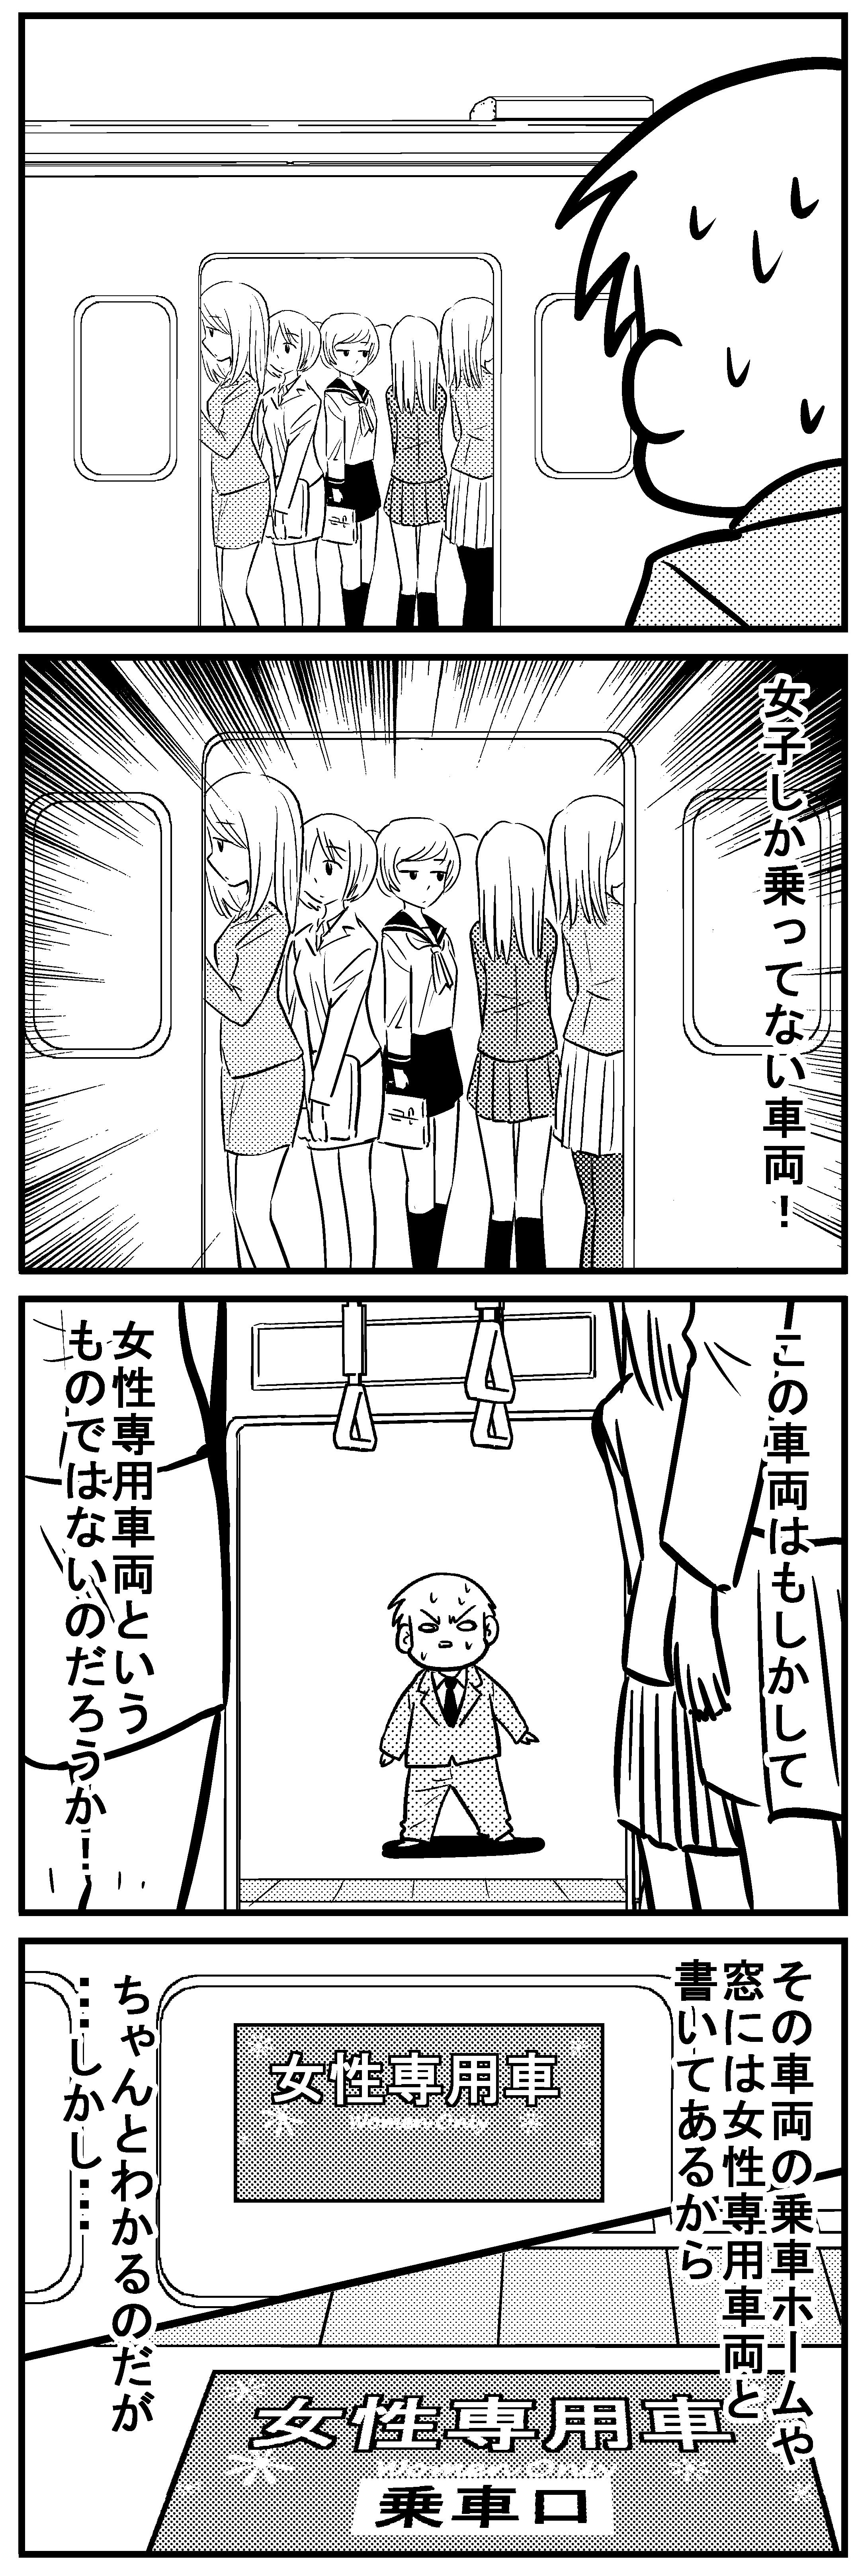 深読みくん45-2